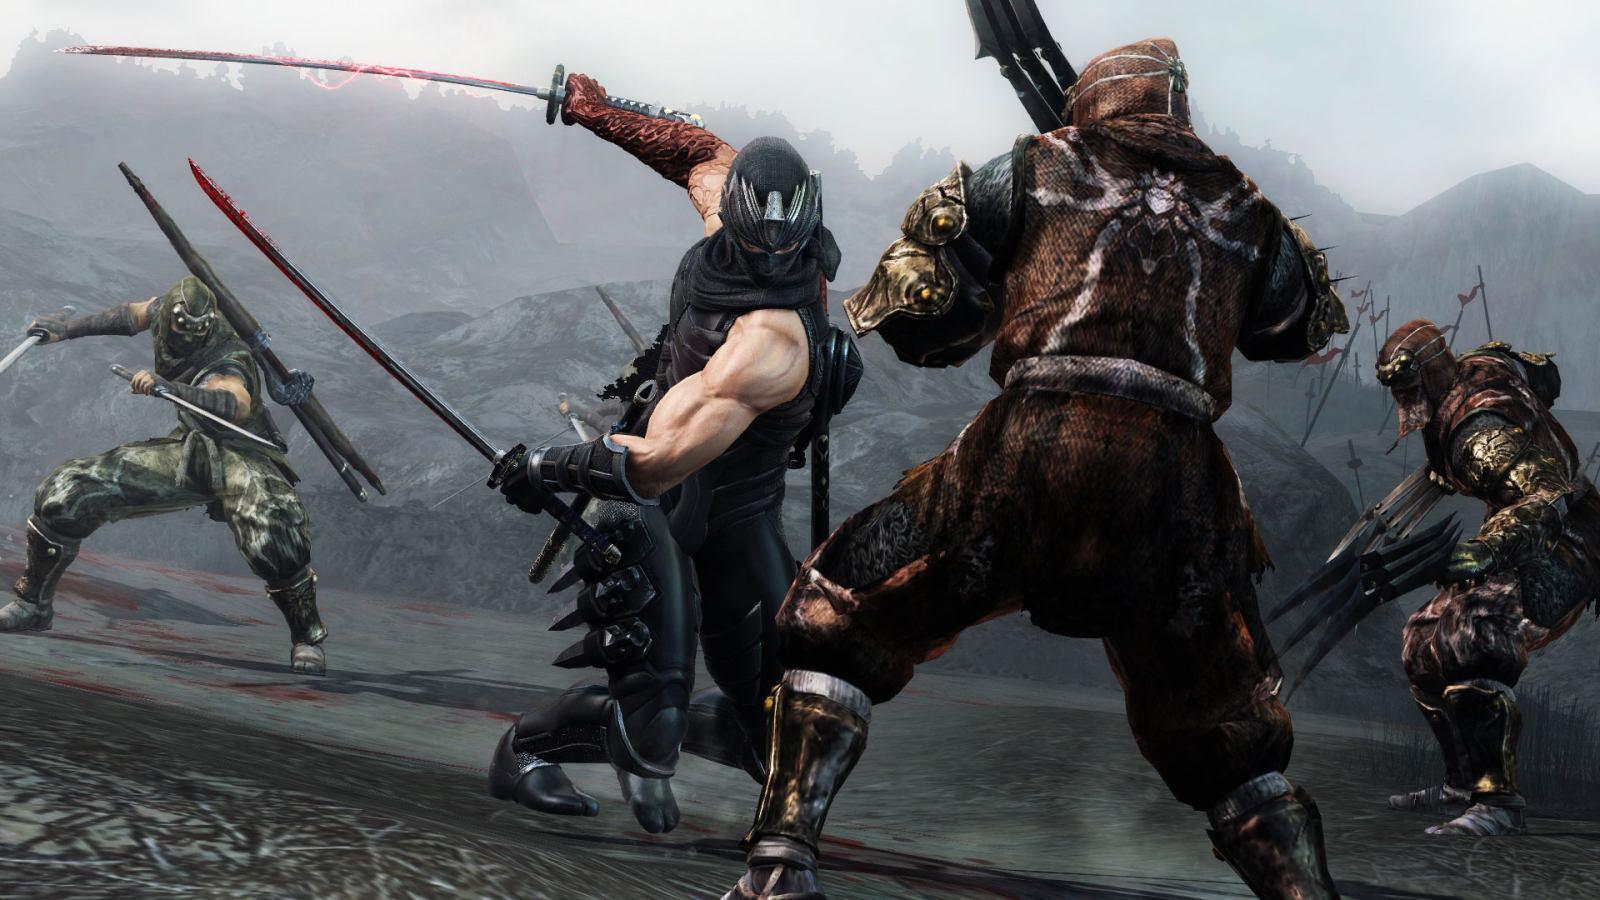 《忍者龙剑传》可能要有下文?忍者组说最近的忍者题材游戏给了他们不少灵感